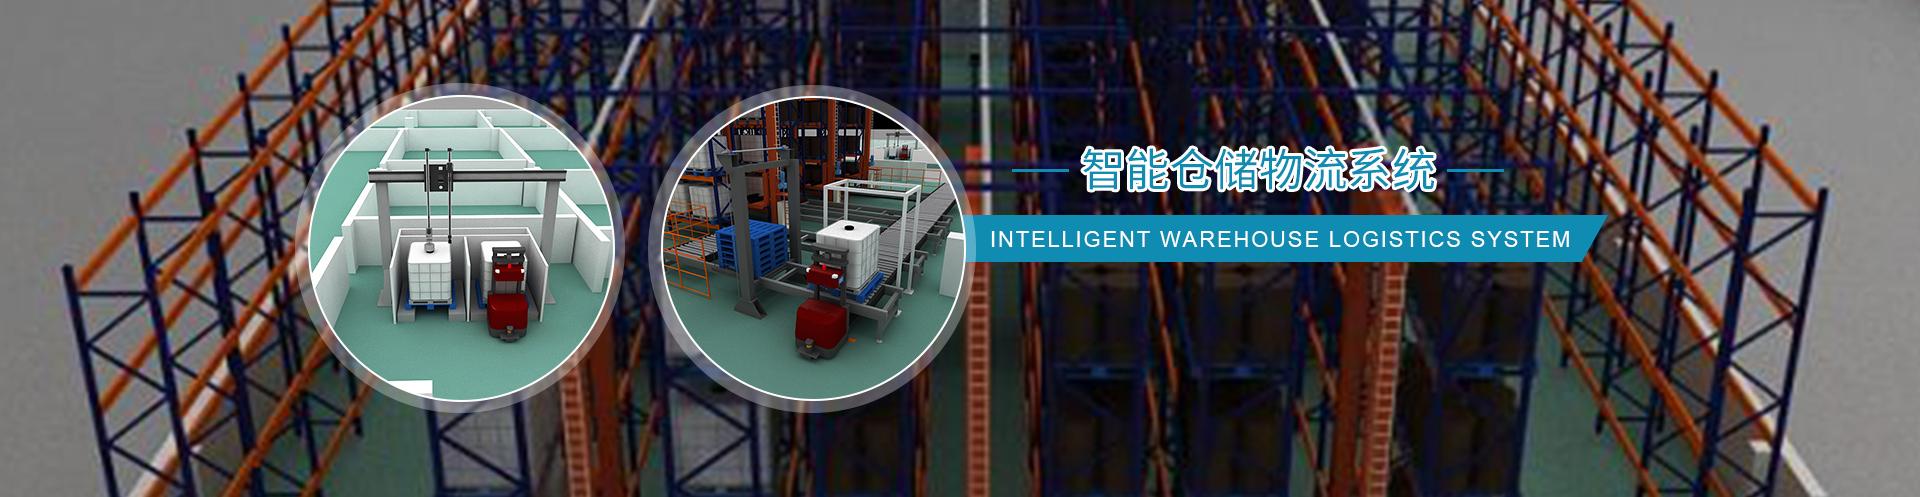 上海ag真人机器人科技有限公司